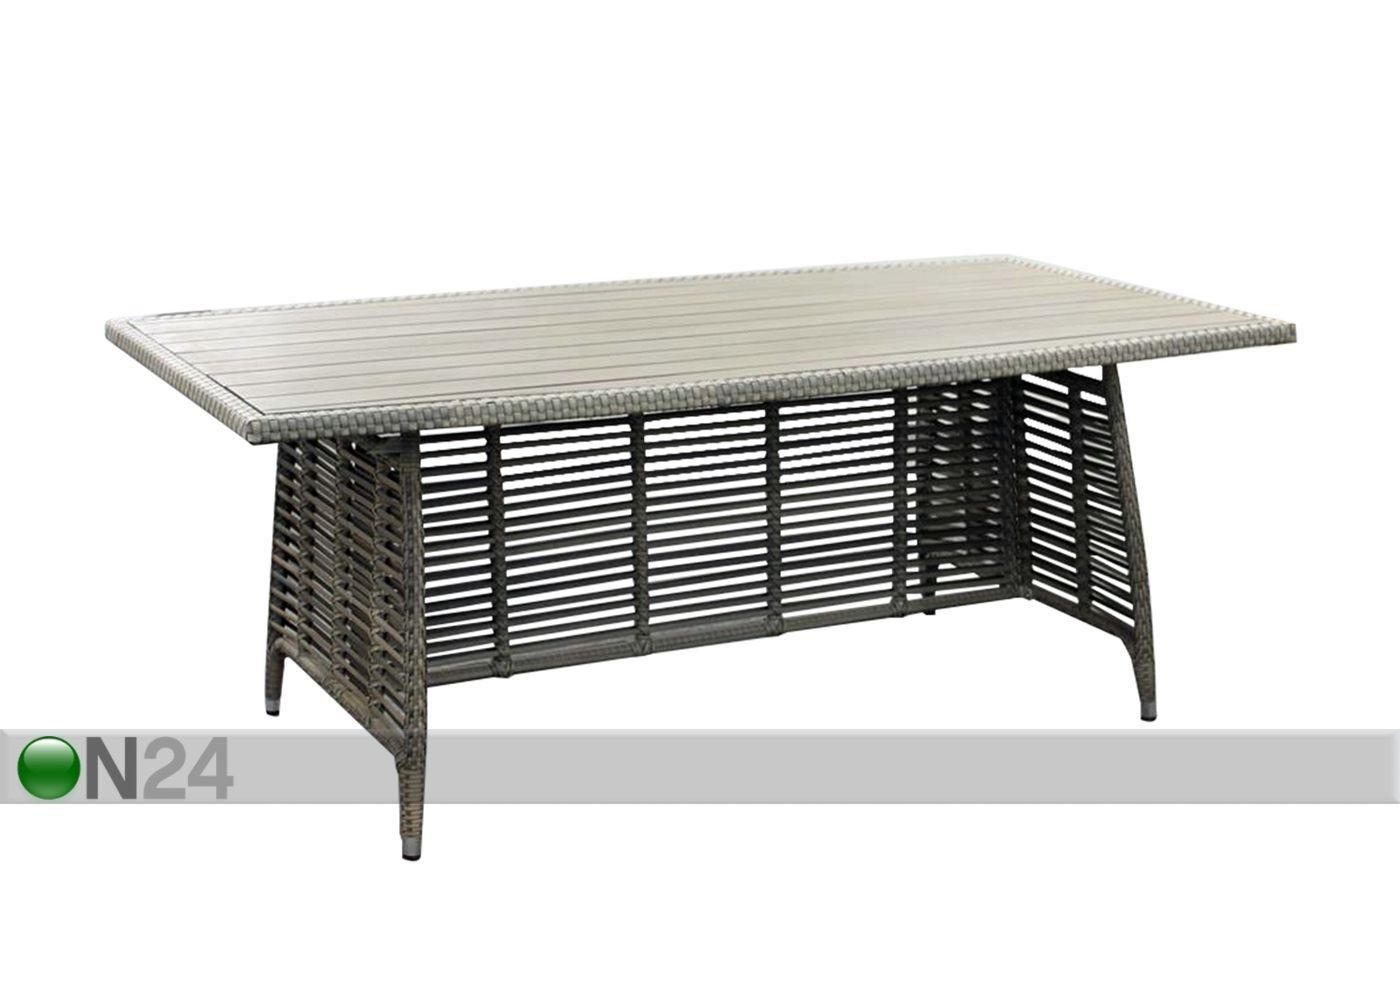 Puutarhapöytä ZENICA 200x110 cm EV-91666 - ON24 Sisustustavaratalo